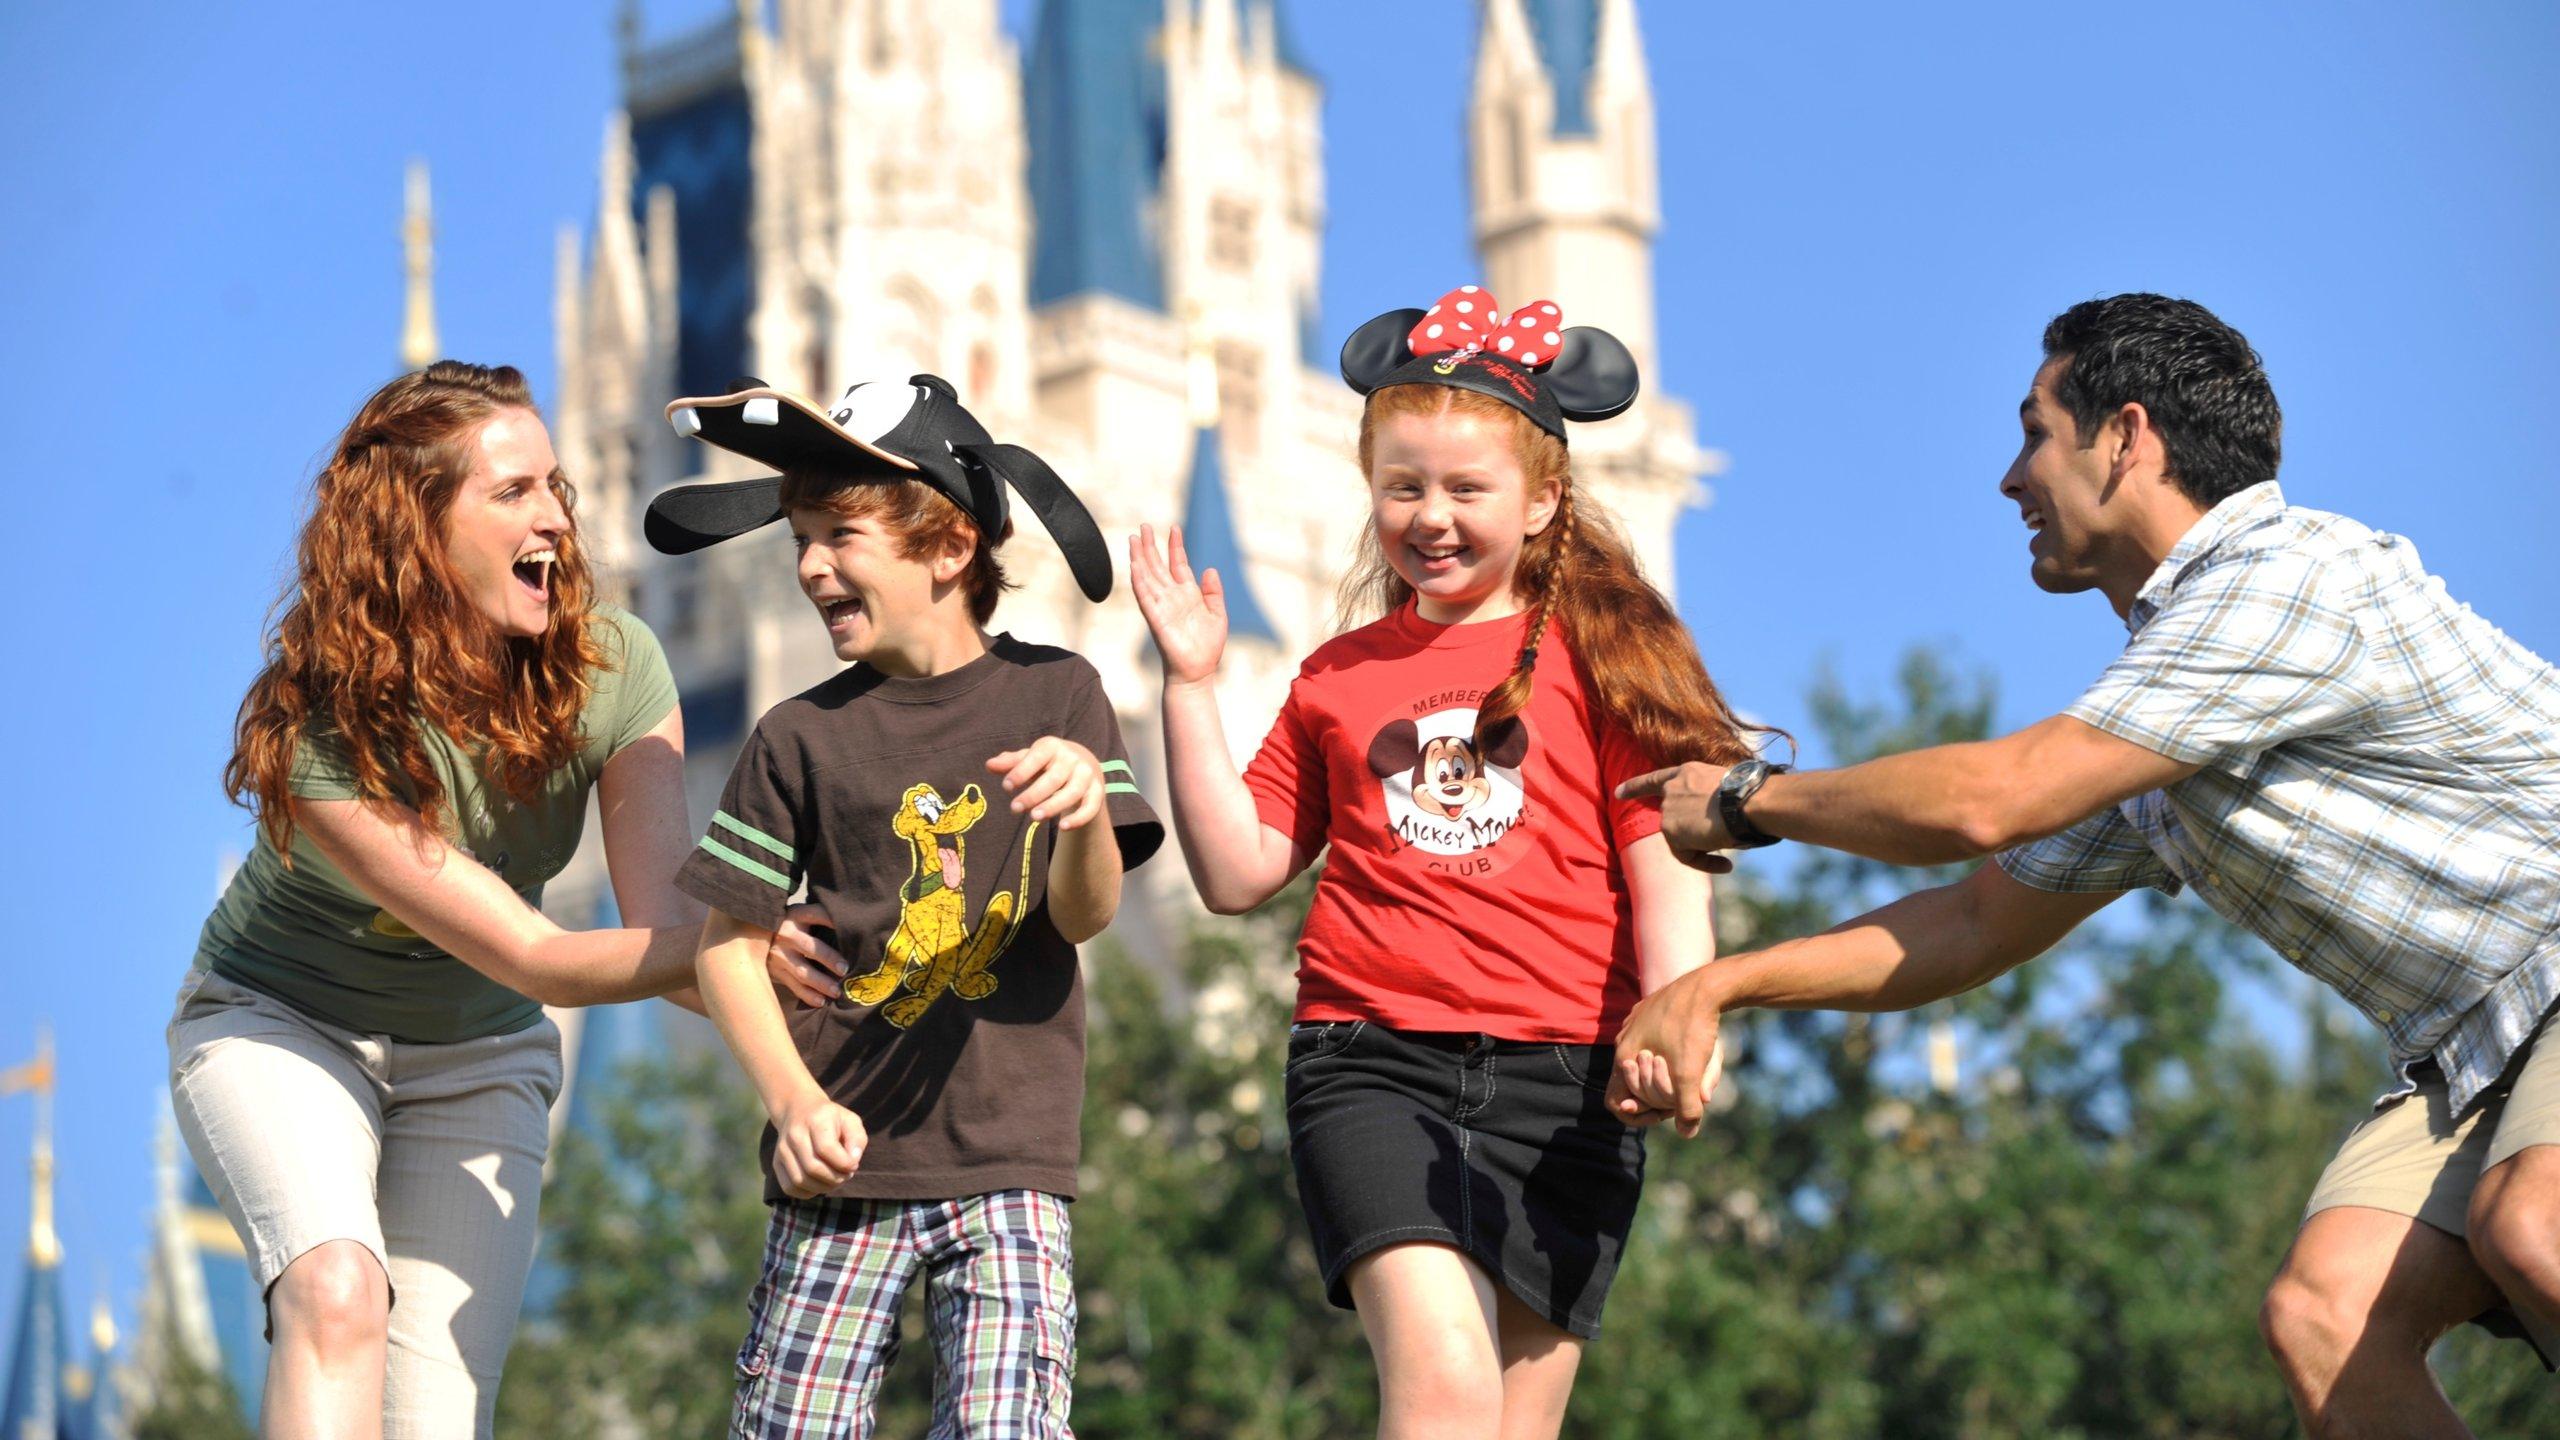 Bawa keluarga Anda ke Magic Kingdom® Park dan nikmati keseruan taman hiburan di Lake Buena Vista. Jelajahi restoran pemenang penghargaan dan pilihan hiburan di area cocok untuk keluarga ini.